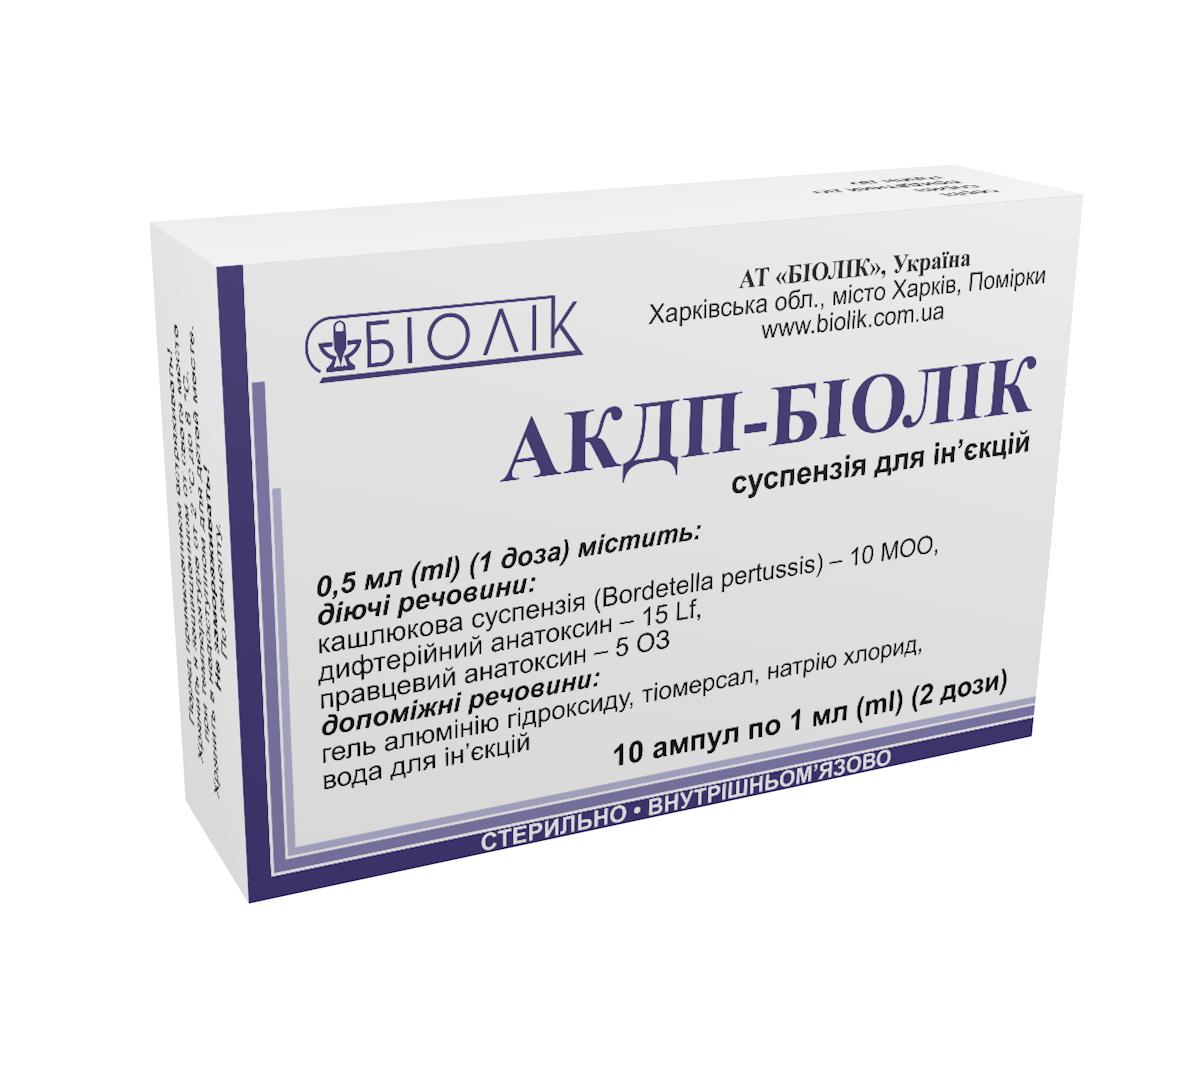 АКДC-Биолек